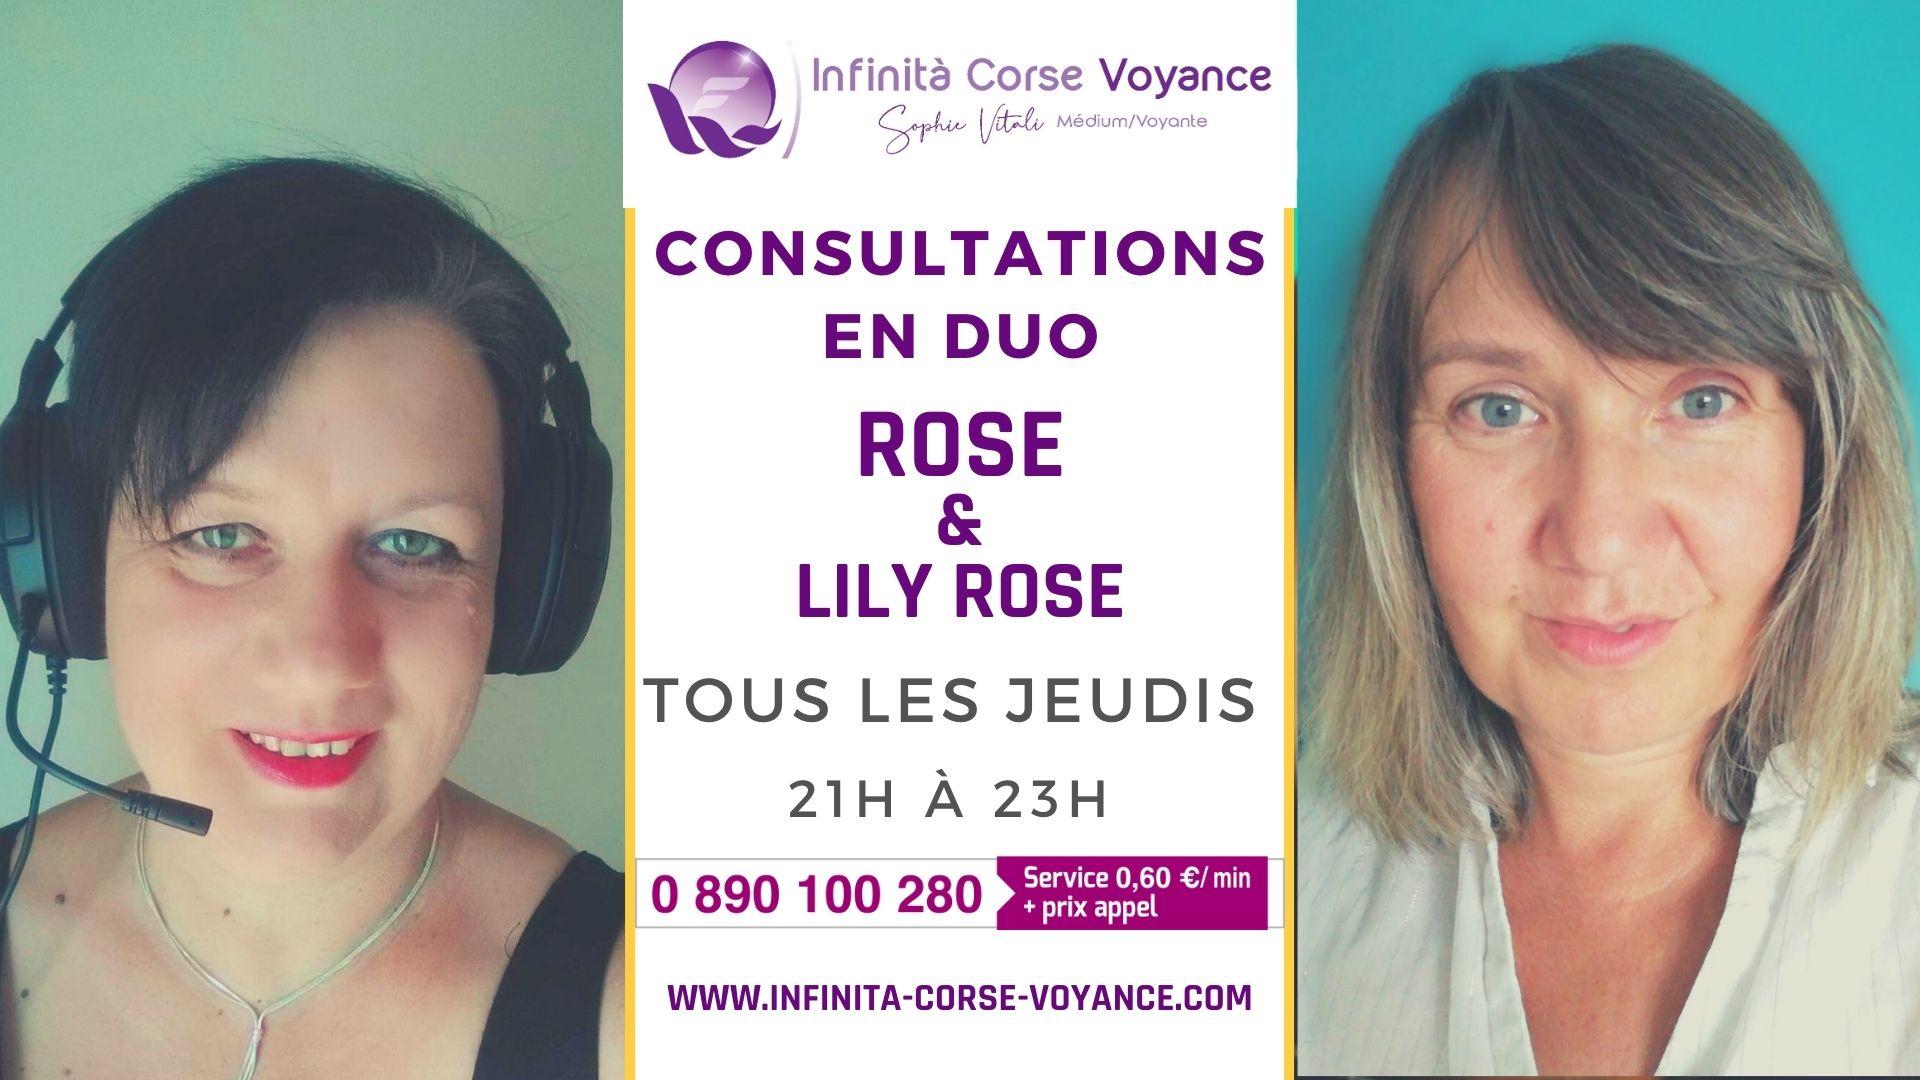 Lily Rose et Rose en consultation duo par audiotel tous les jeudis de 21H00 à 23H00 / Infinità Corse Voyance